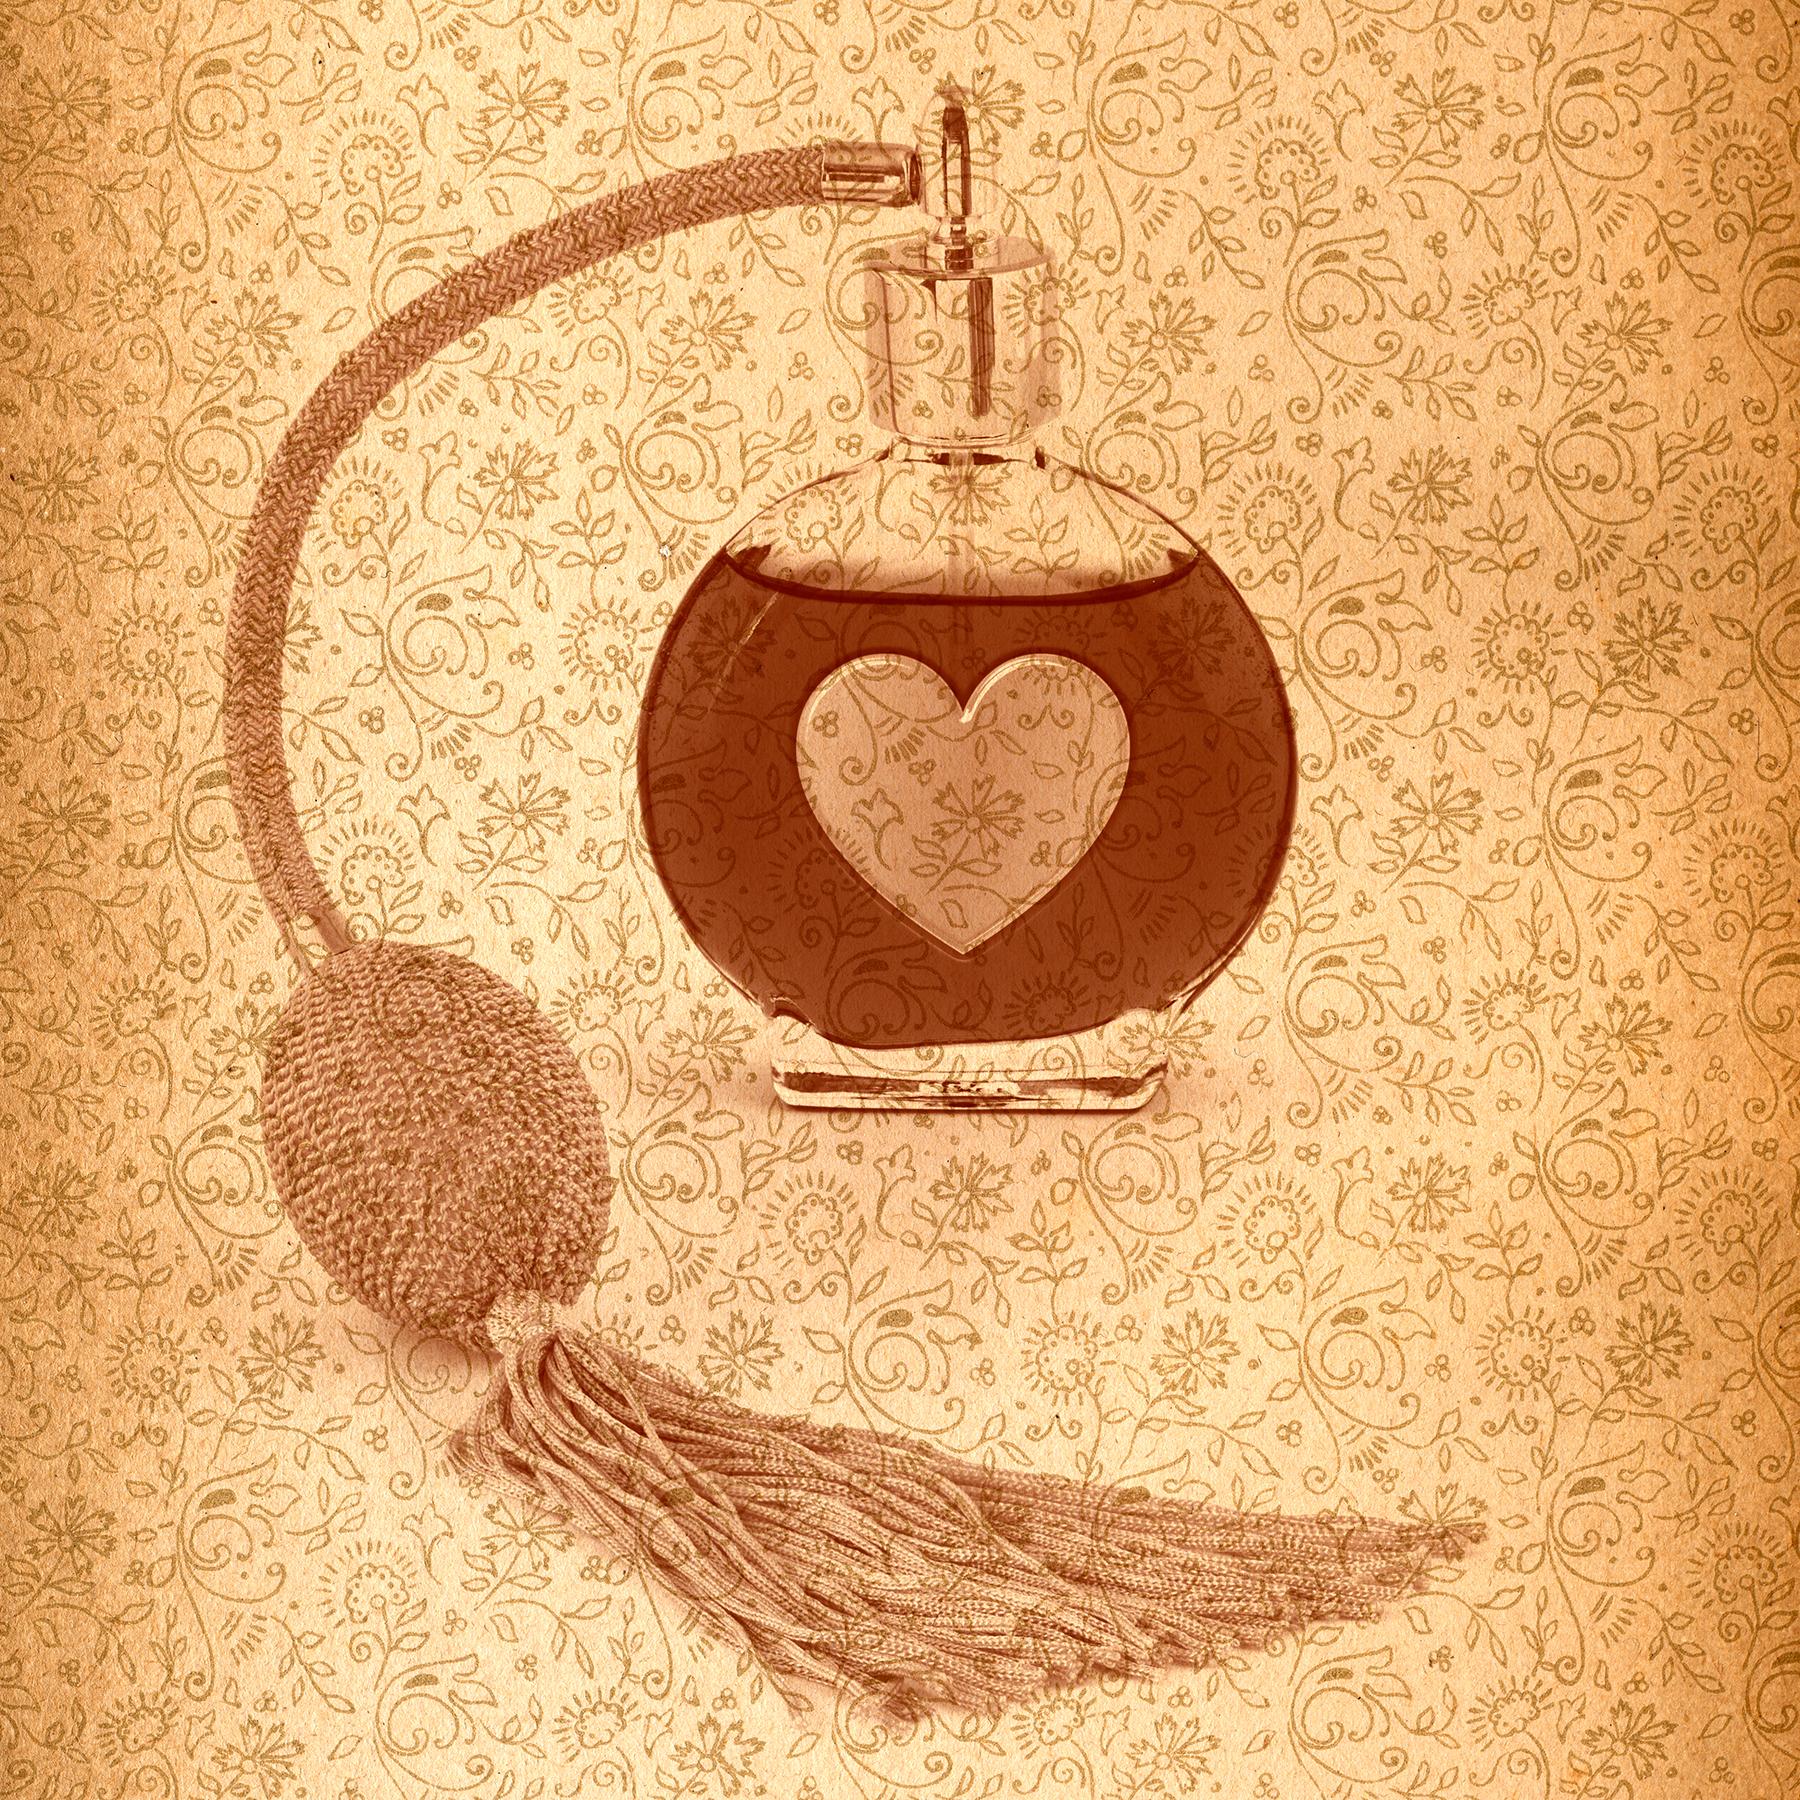 Vintage Love Potion, Age, Ornaments, Retro, Pump, HQ Photo